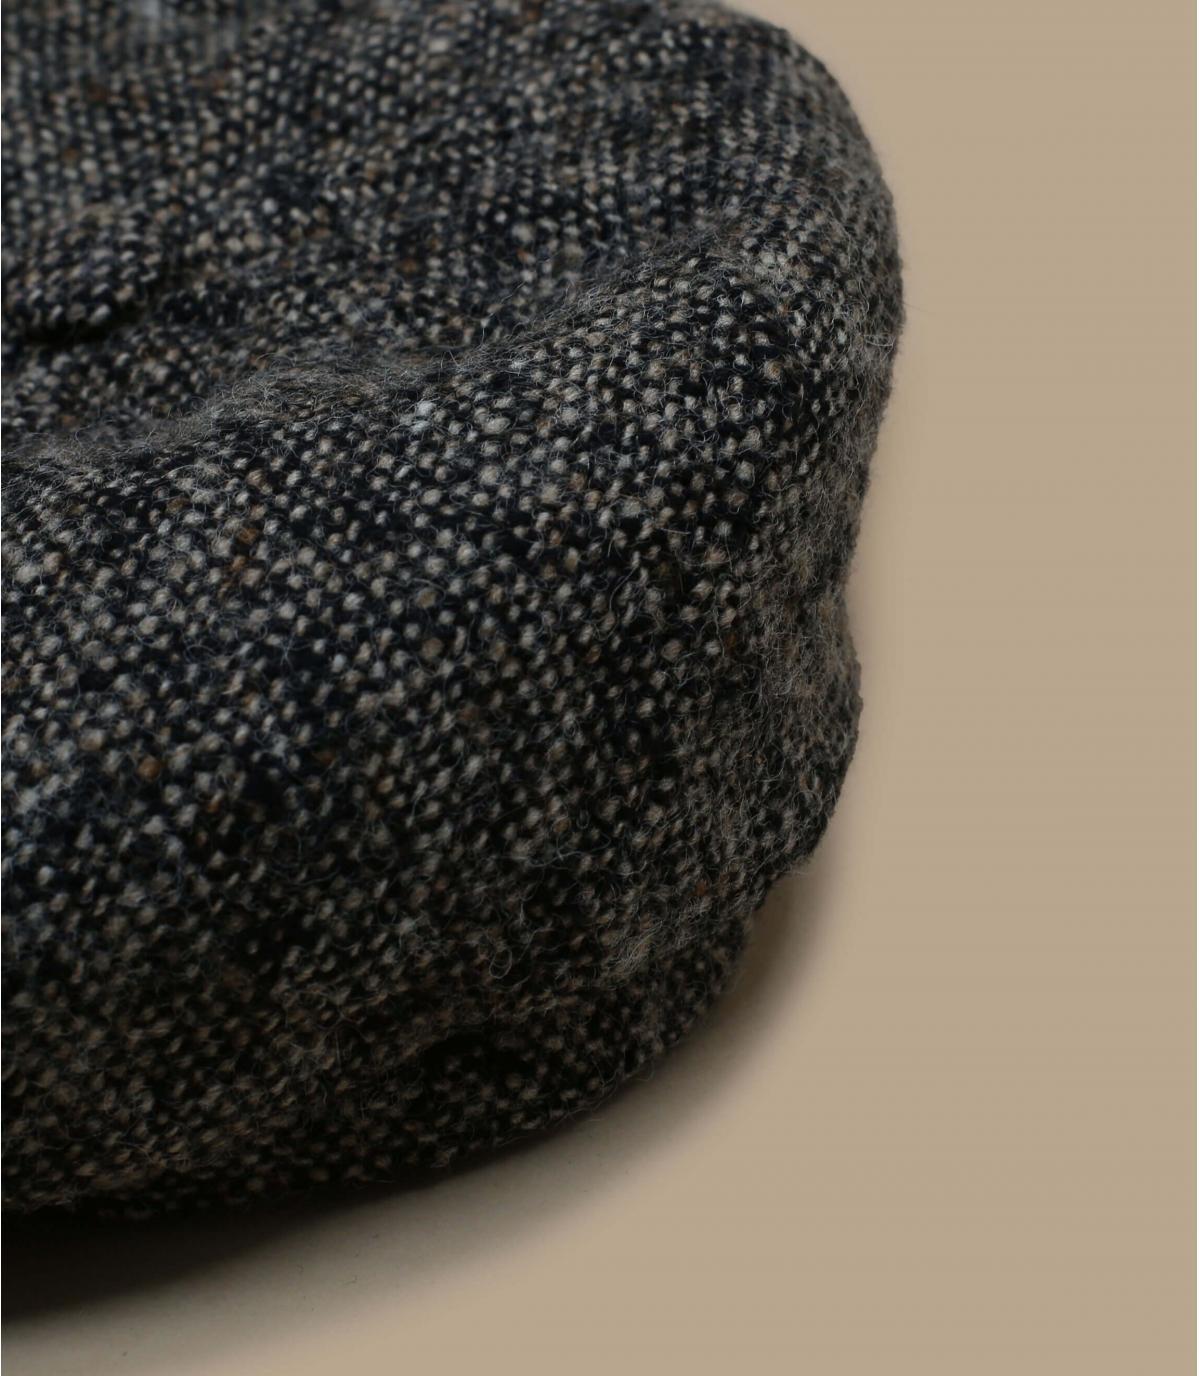 Détails Brooklyn laine brown et cuir - image 2